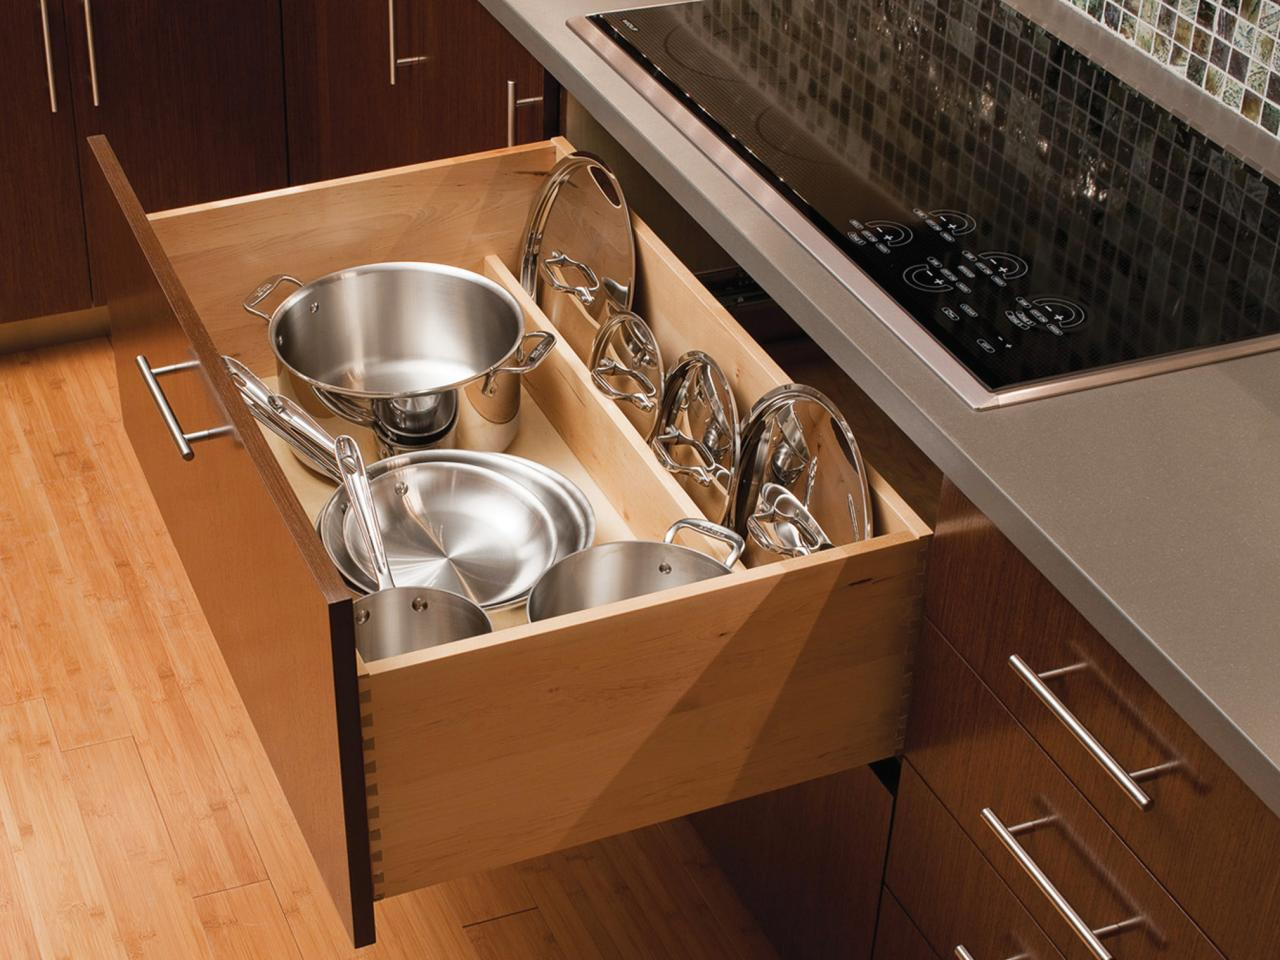 выдвижной ящик для посуды